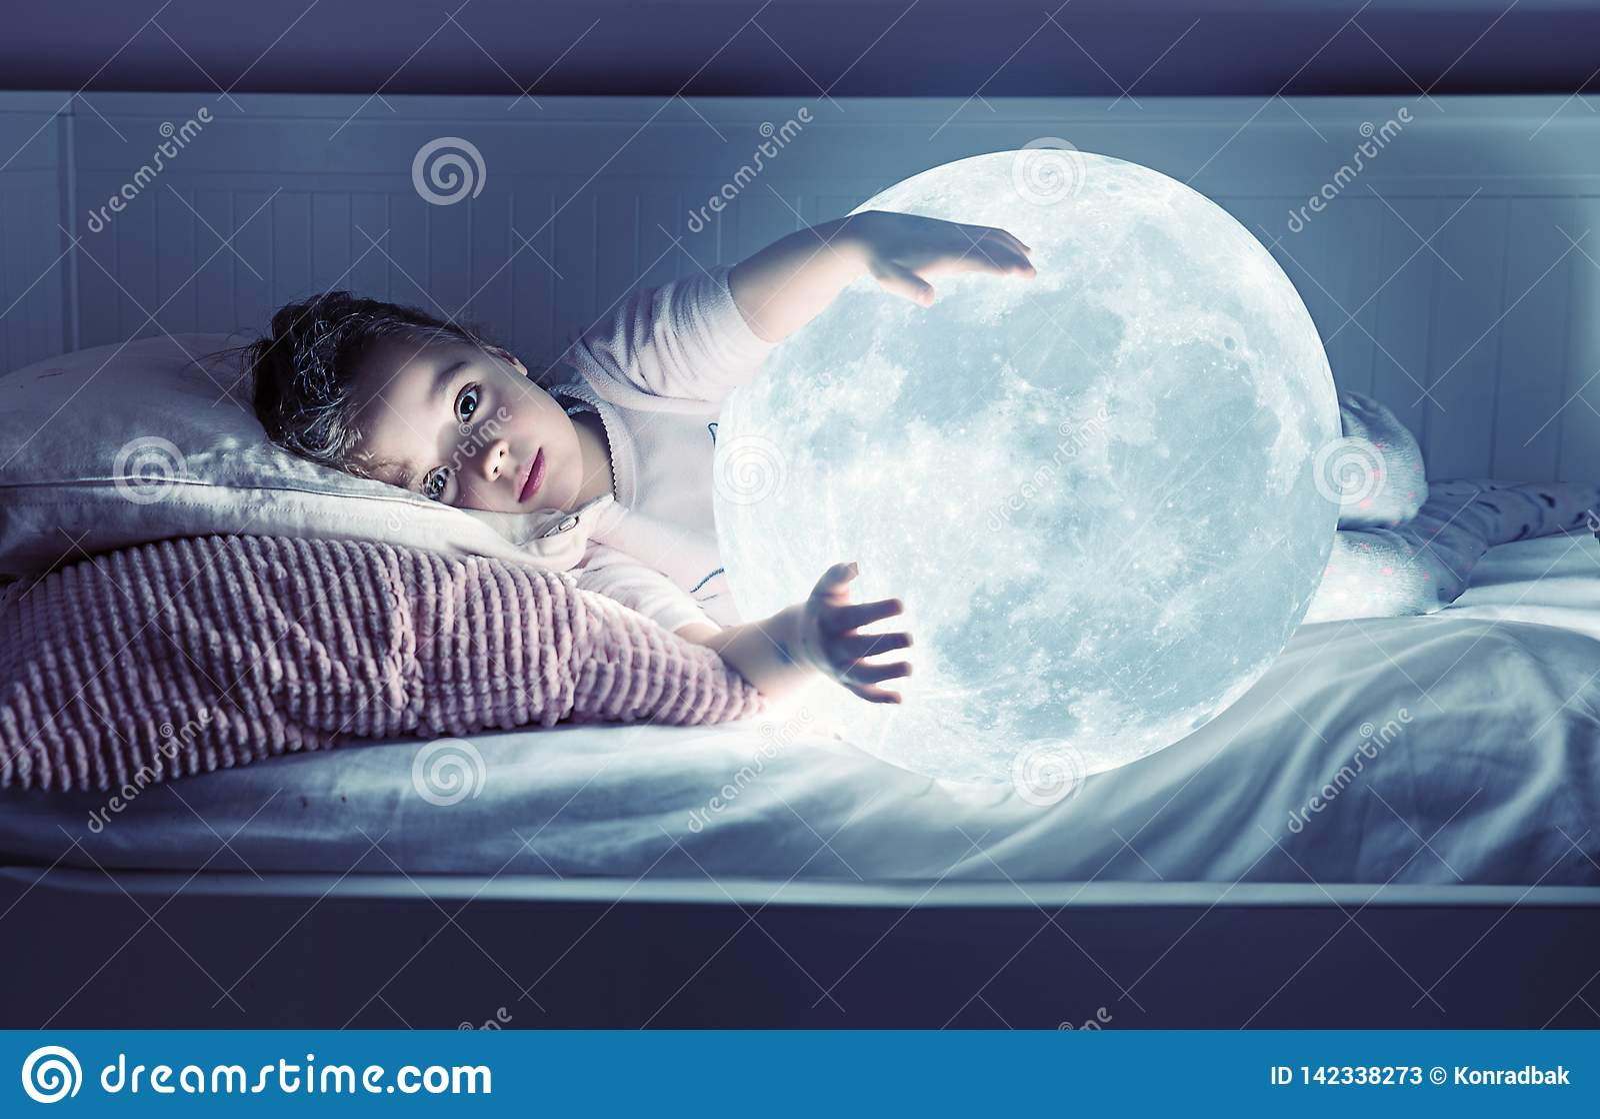 Sztuka portret śliczna mała dziewczynka trzyma księżyc